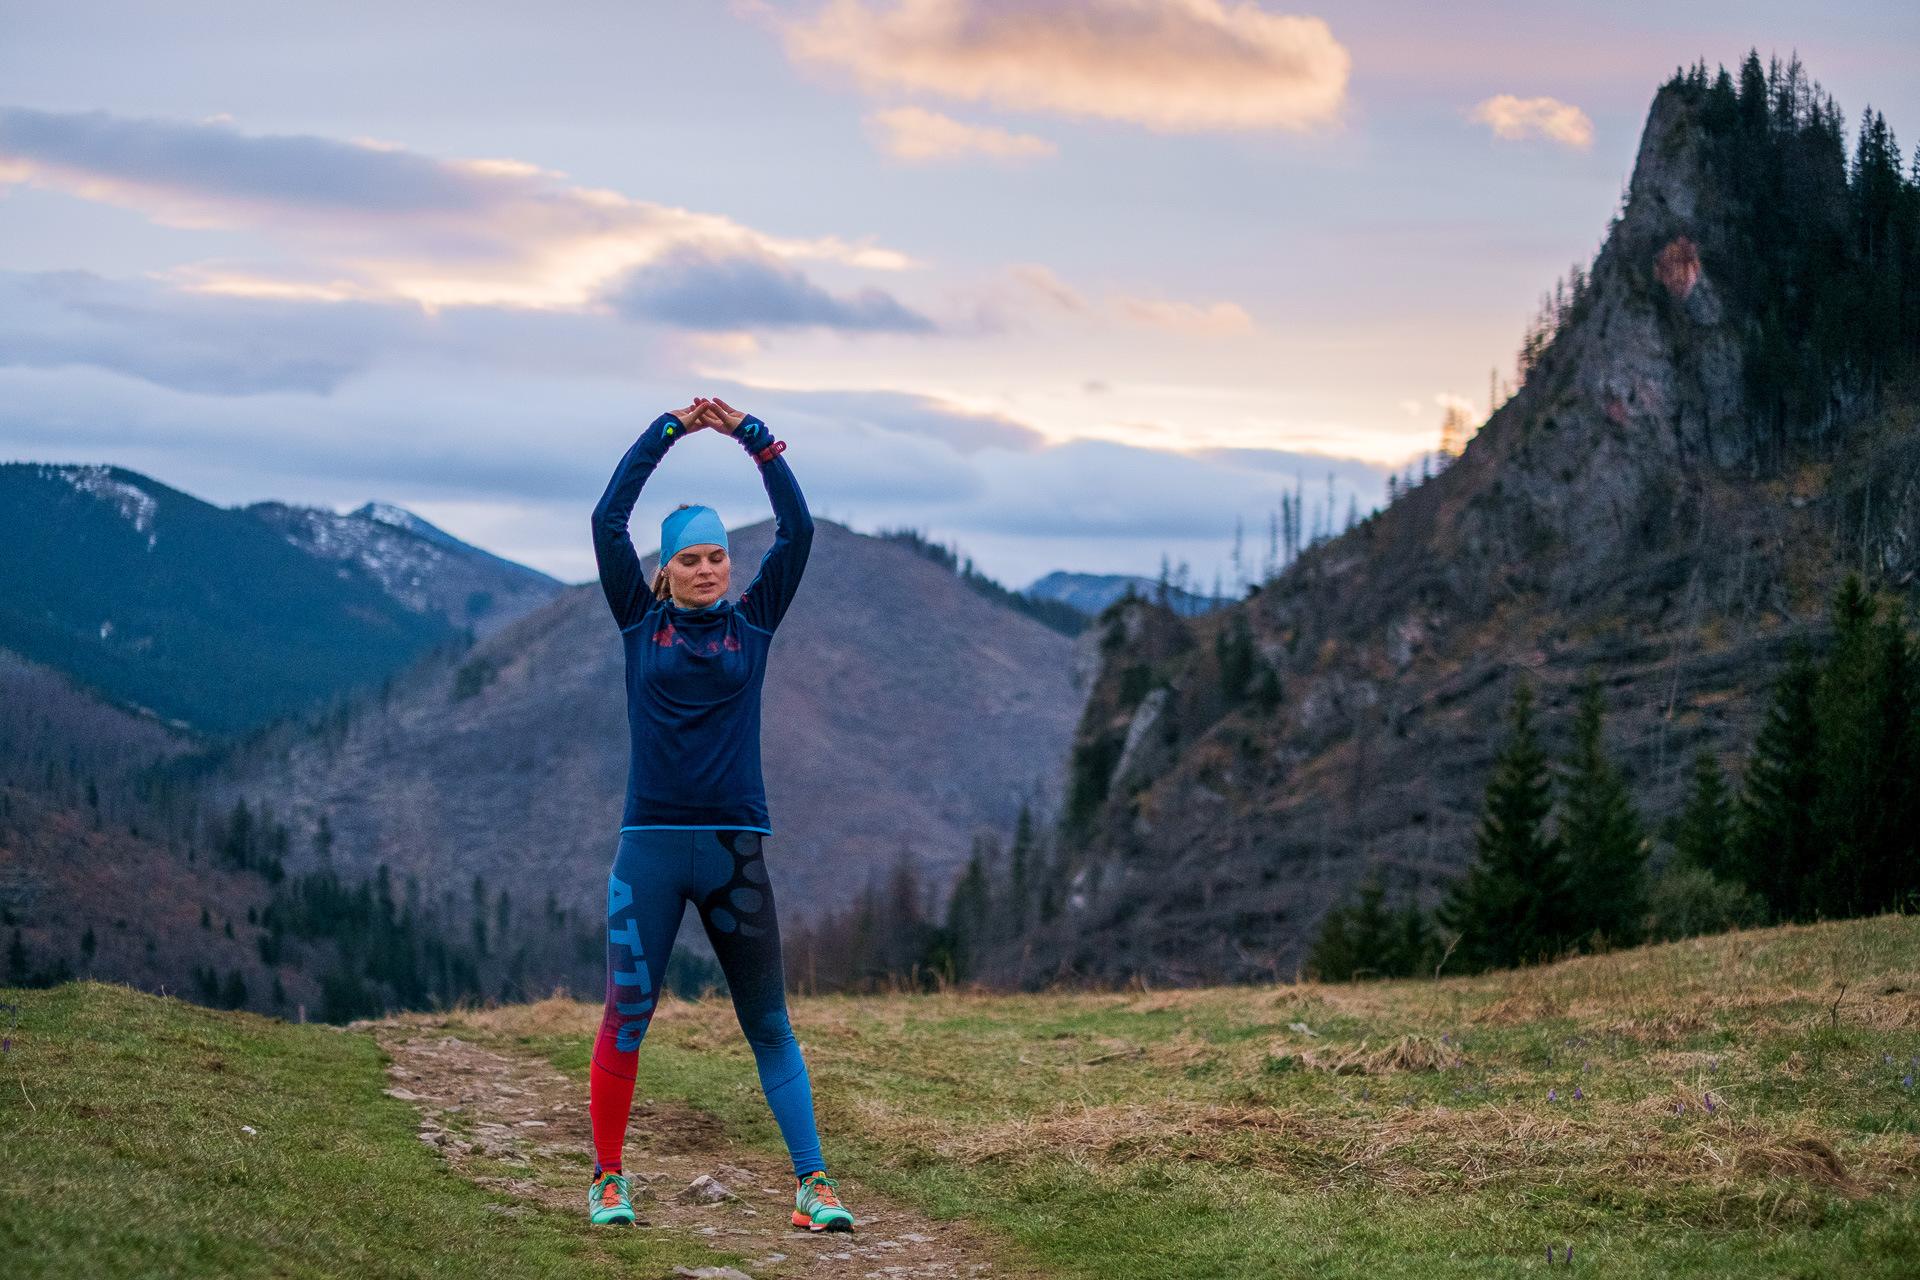 Joga, Tatry, biegaczka, zachód słońca, góry